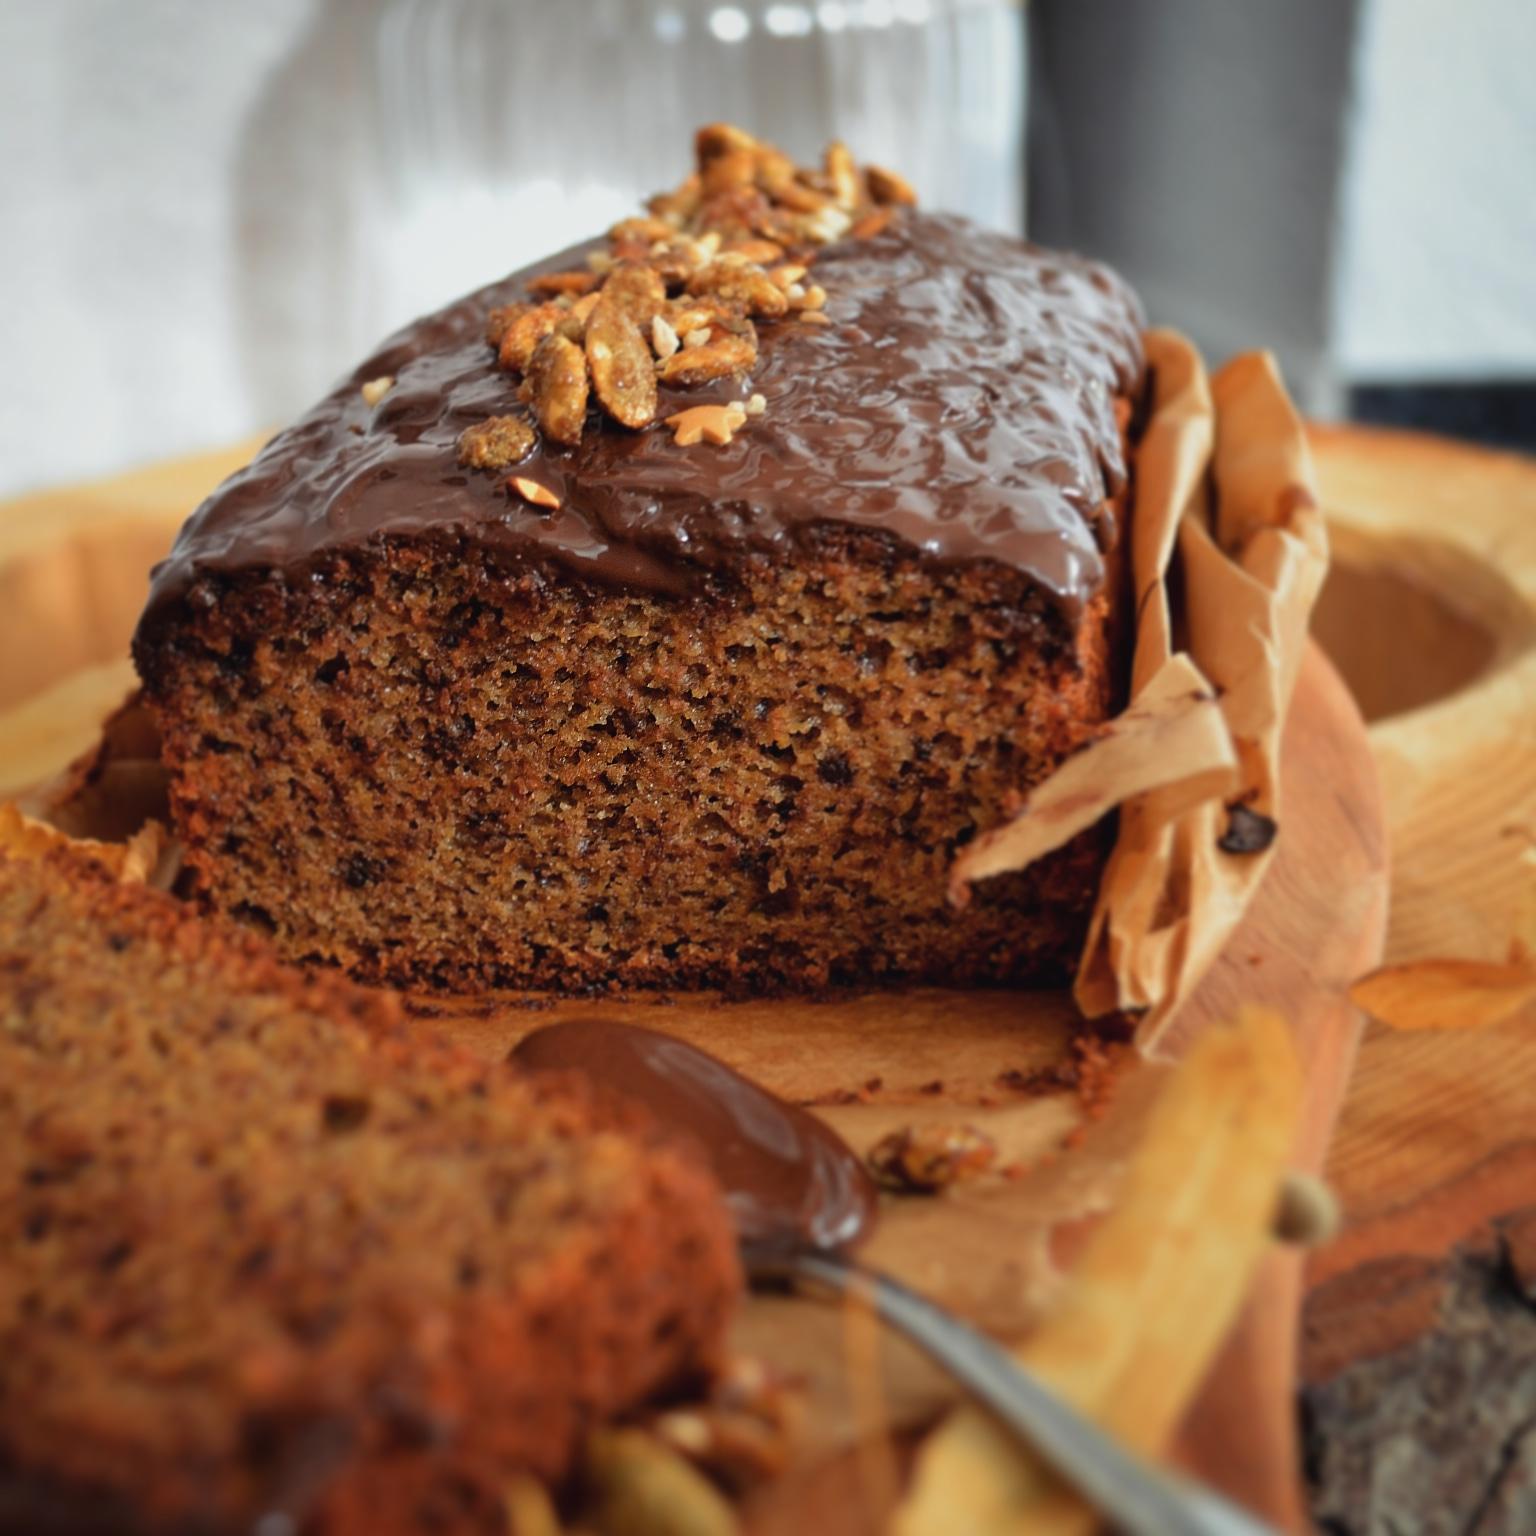 Saftiger Herbstkuchen mit Schokolae